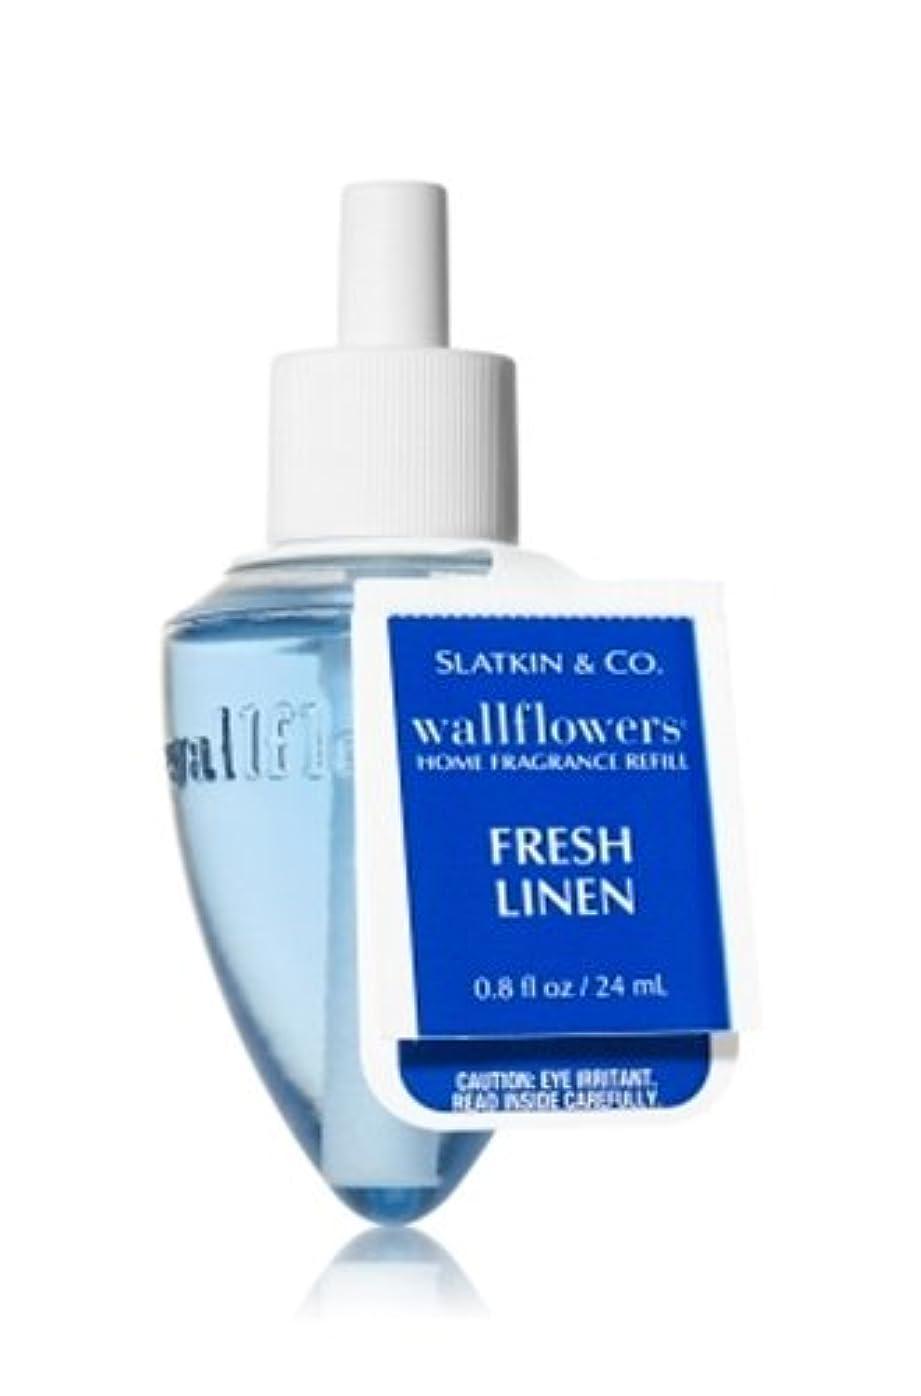 キャラバン引き受ける発言するBath & Body Works(バス&ボディワークス)フレッシュ?リネン ホームフレグランス レフィル(本体は別売りです)Fresh Linen Wallflowers Refill Single Bottles